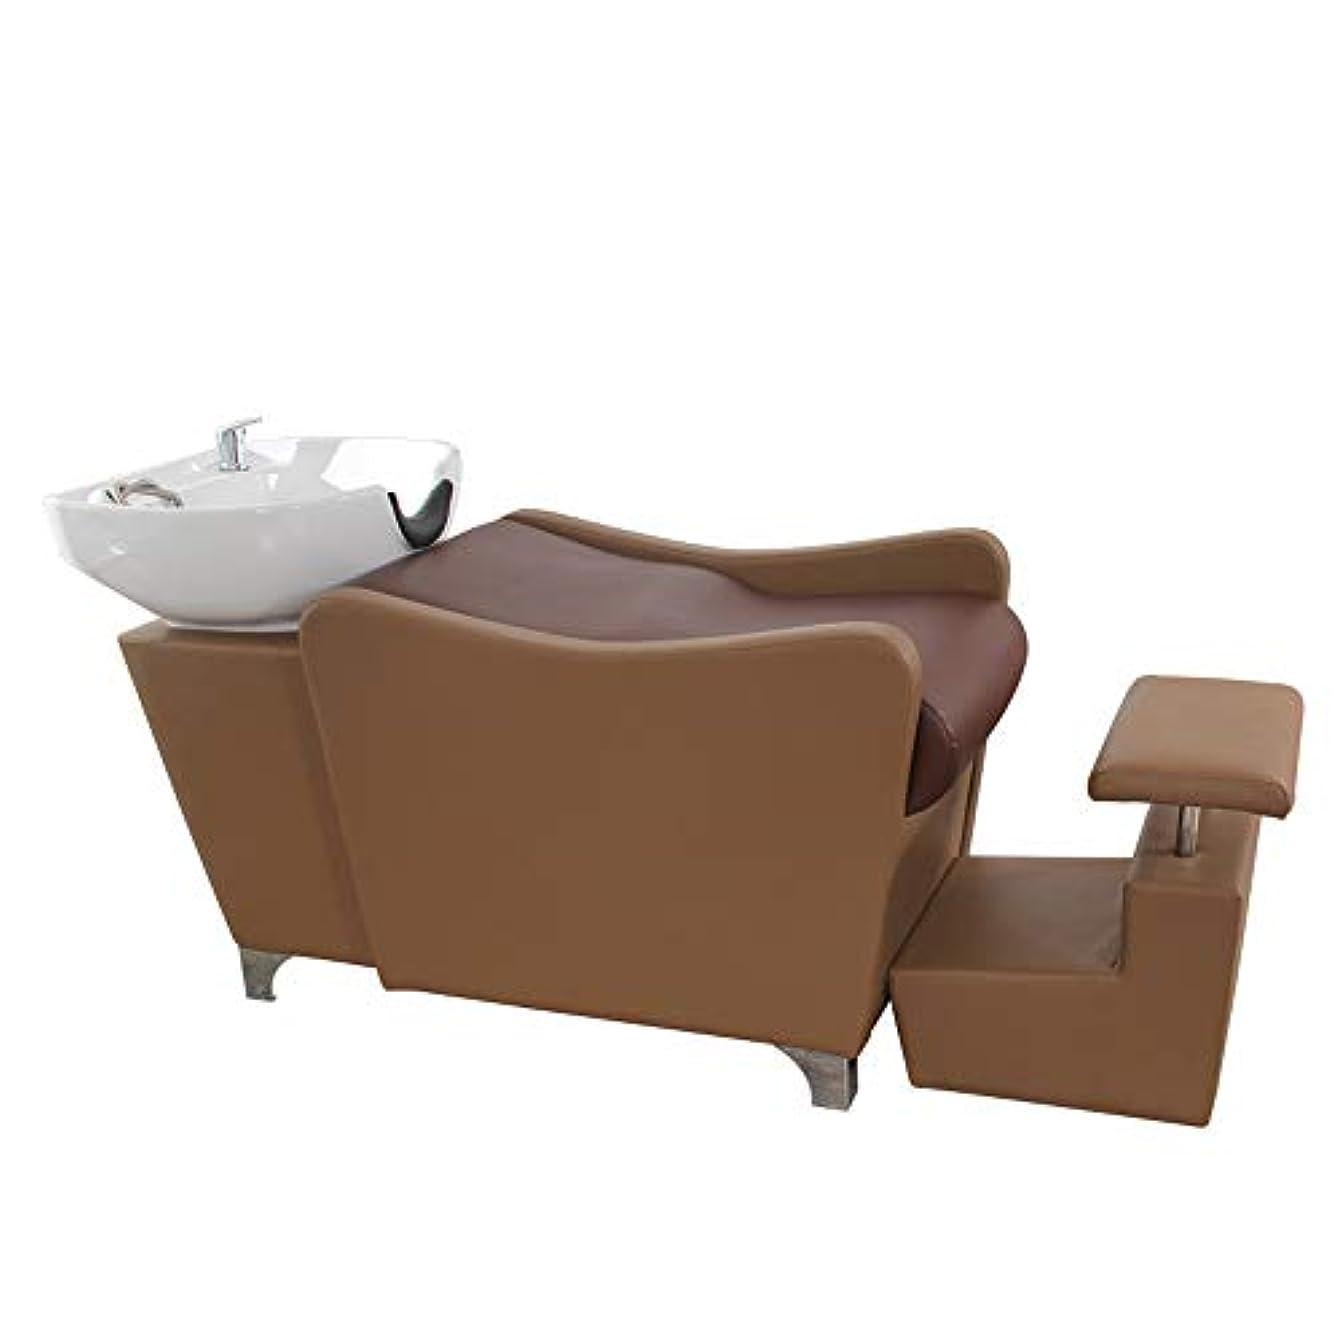 バンガロー解釈的シンポジウムシャンプーチェア、理髪店の逆洗ユニットシャンプーボウル理髪シンクの椅子用スパ美容院機器(ブラウン)